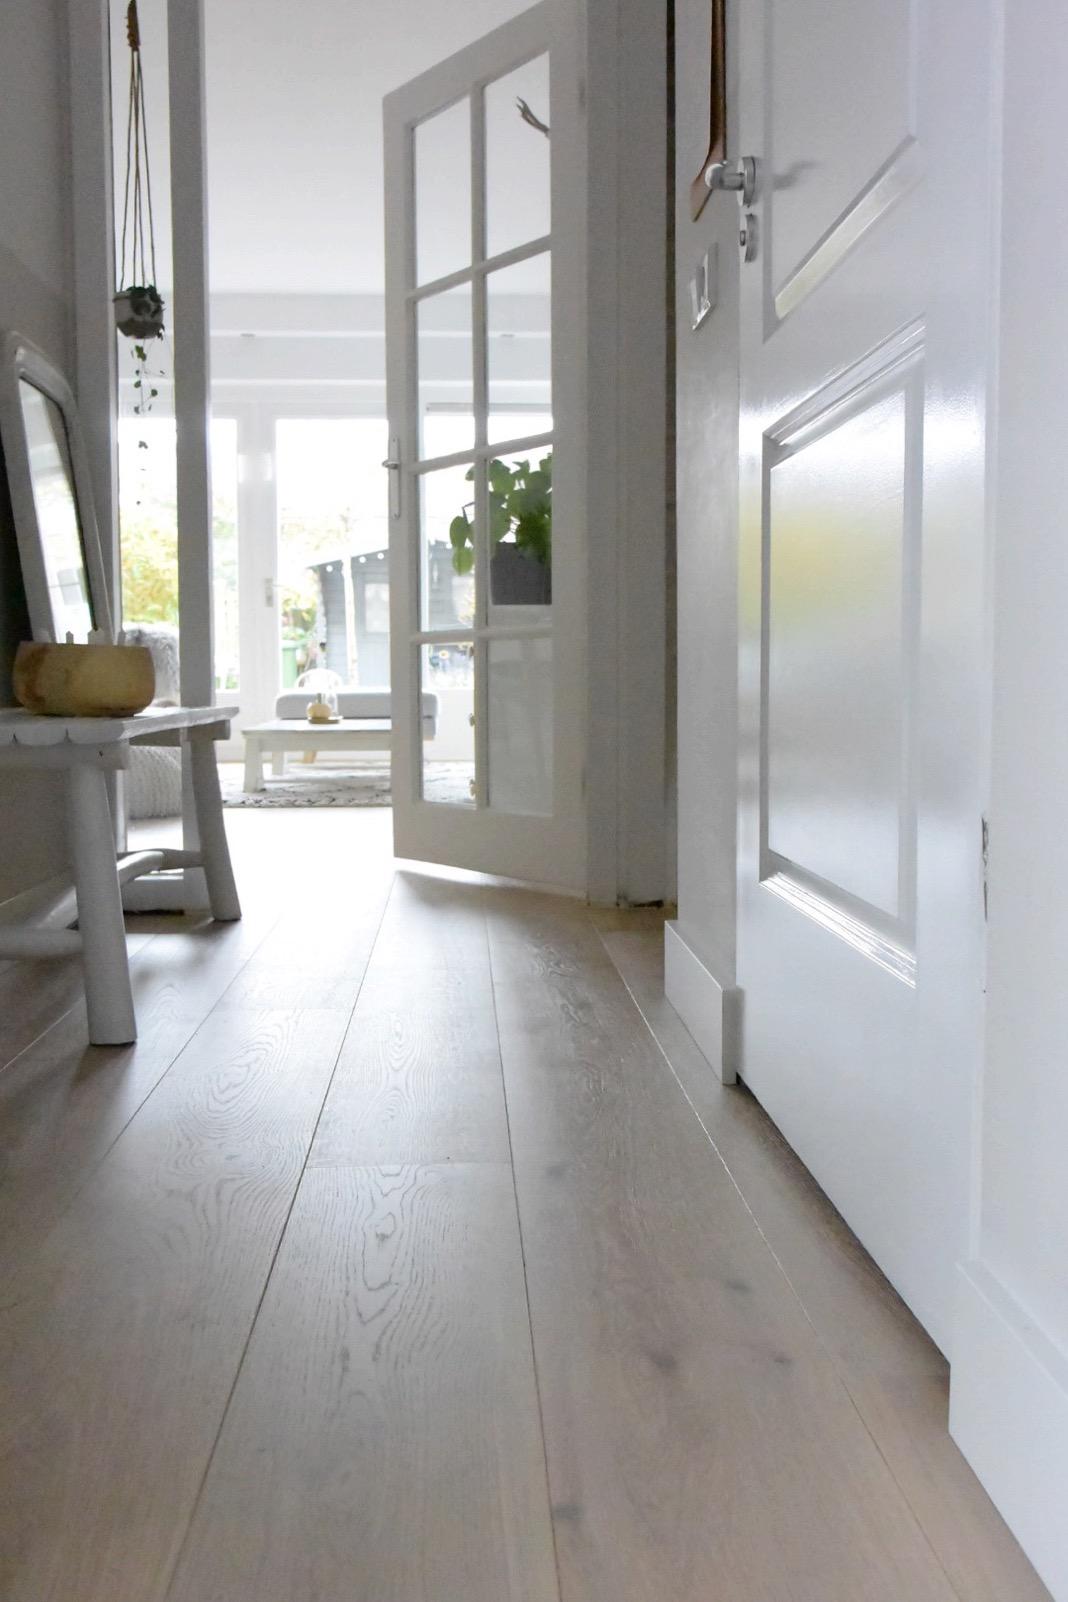 selinesteba.com - Hollandsche vloeren Alkmaar 5.JPG